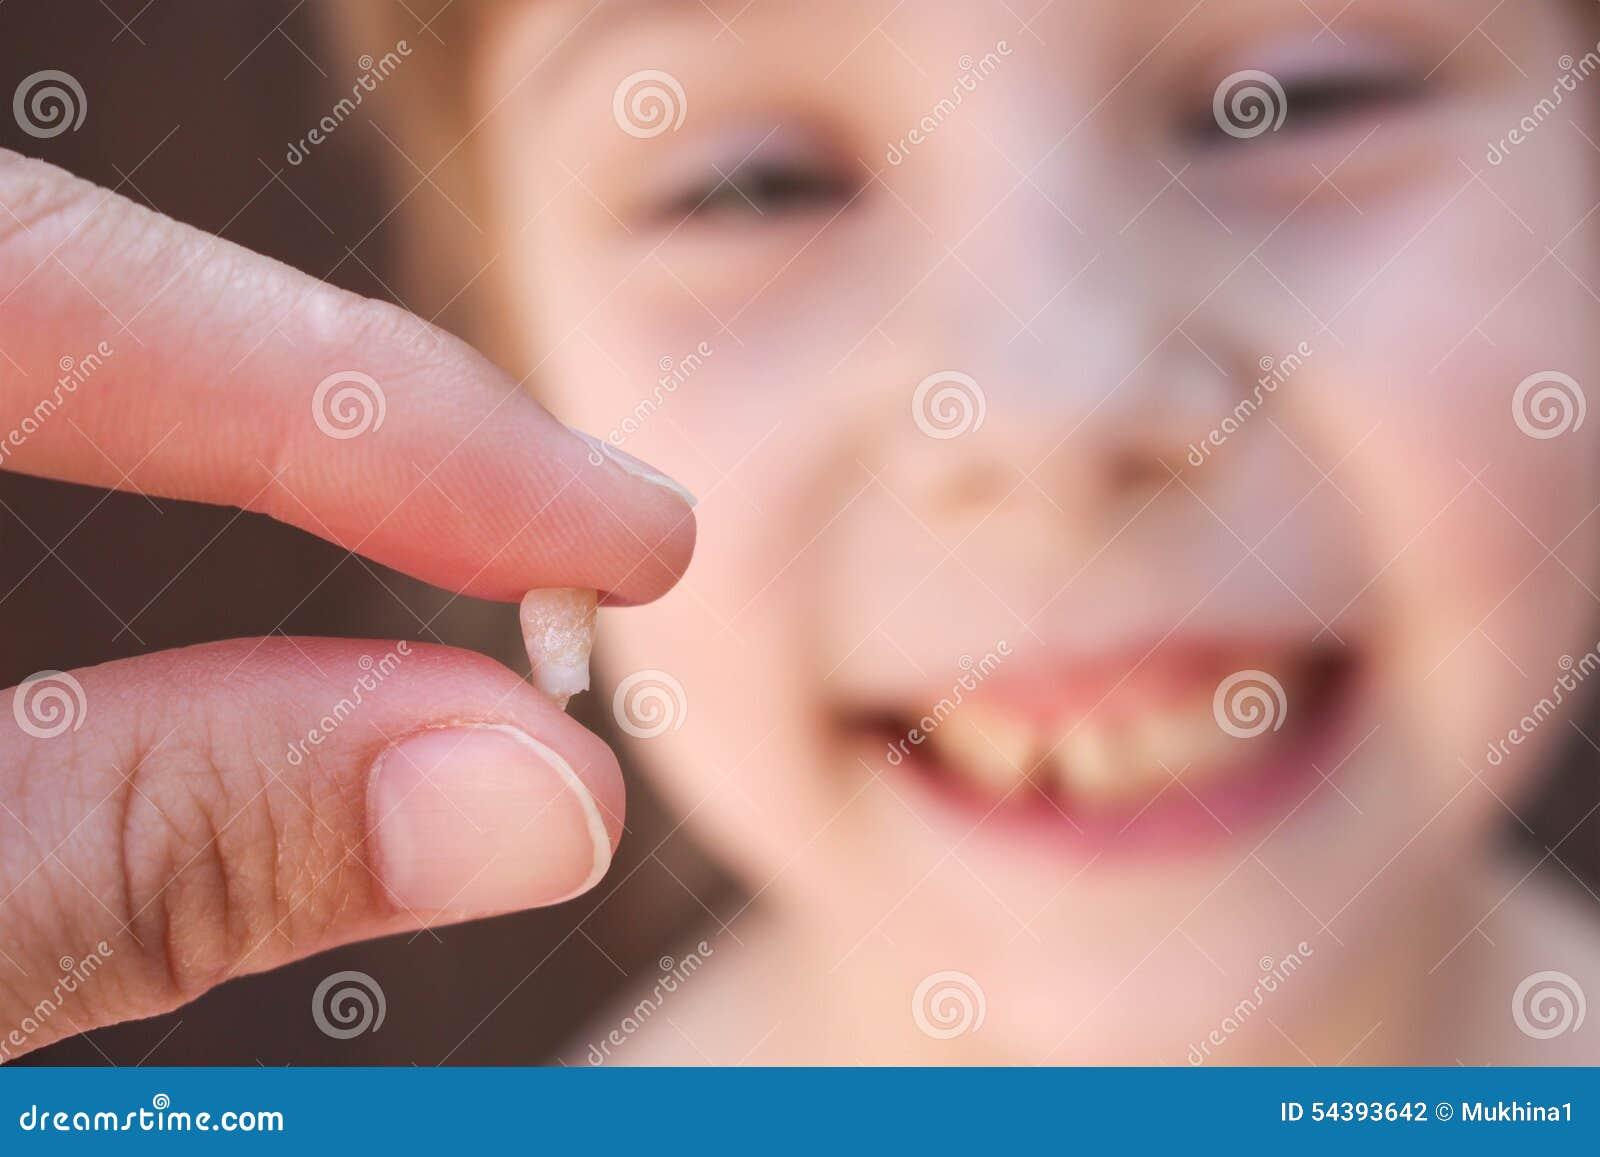 A 6 anni il bambino ha perso il dente da latte La ragazza sta tenendo il dente in sua mano